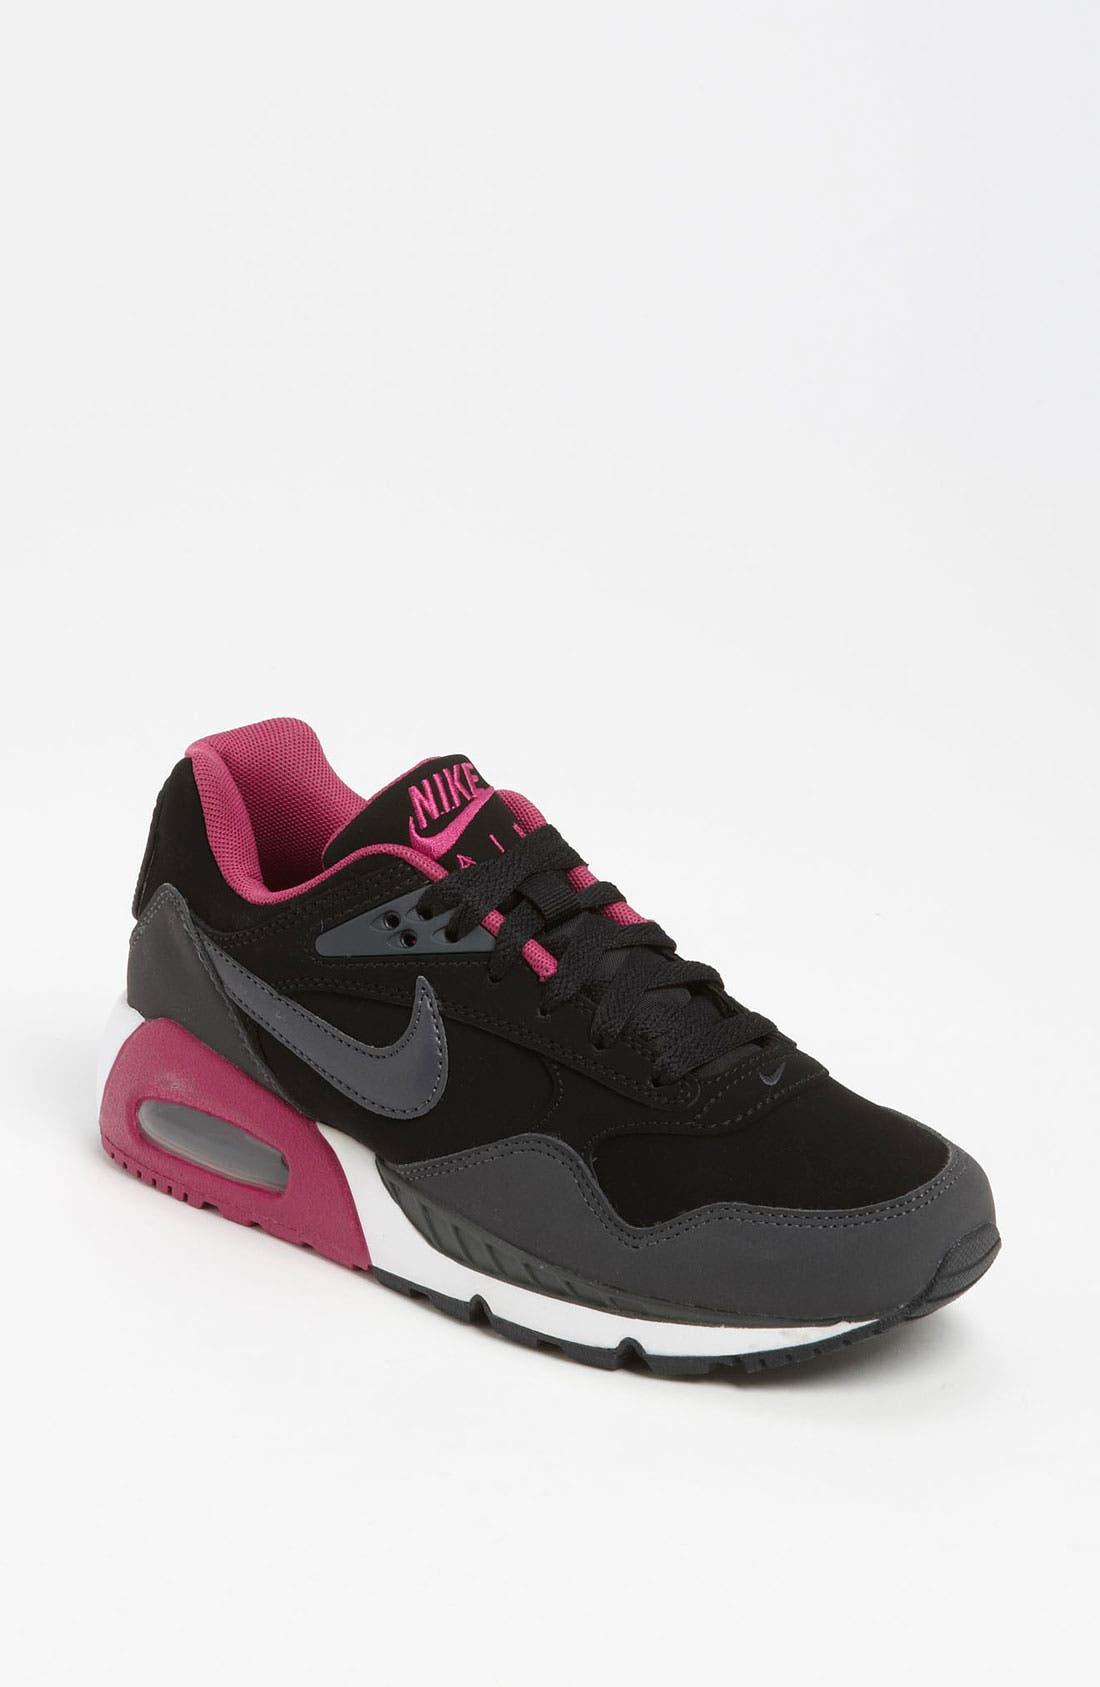 Main Image - Nike 'Air Max Sunrise' Sneaker (Women)